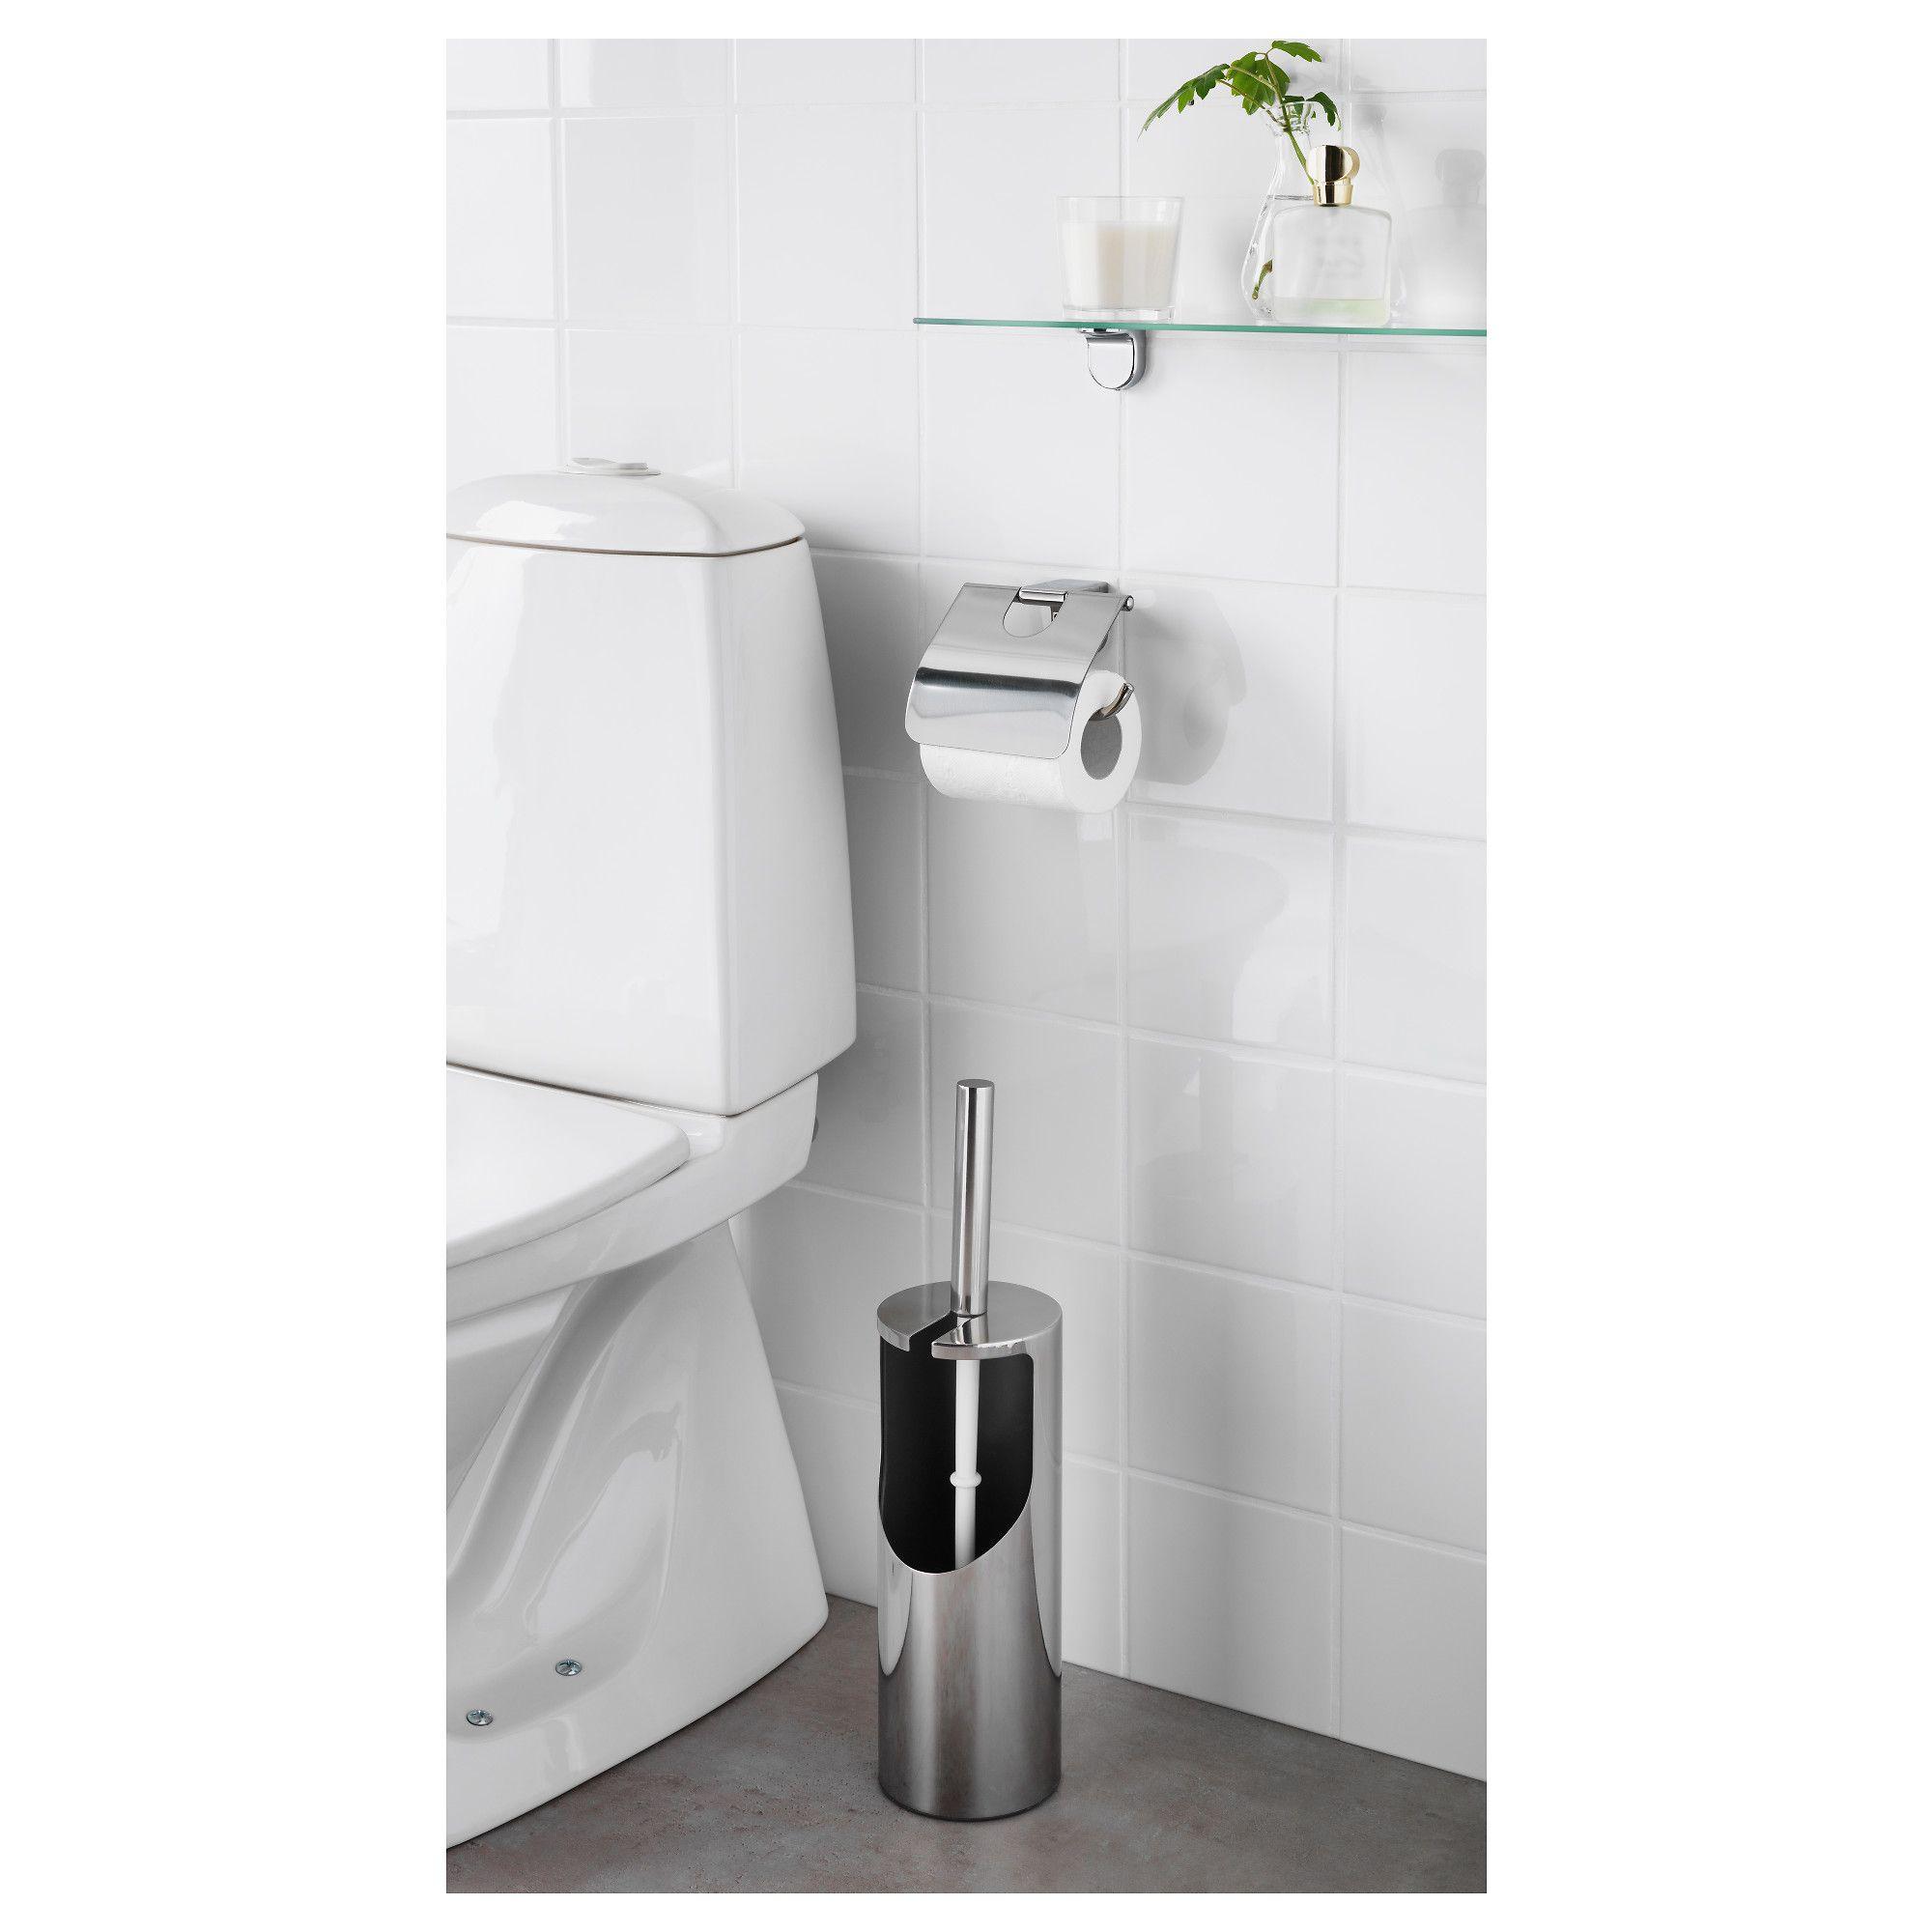 ikea kalkgrund toilet brush holder chrome plated. Black Bedroom Furniture Sets. Home Design Ideas